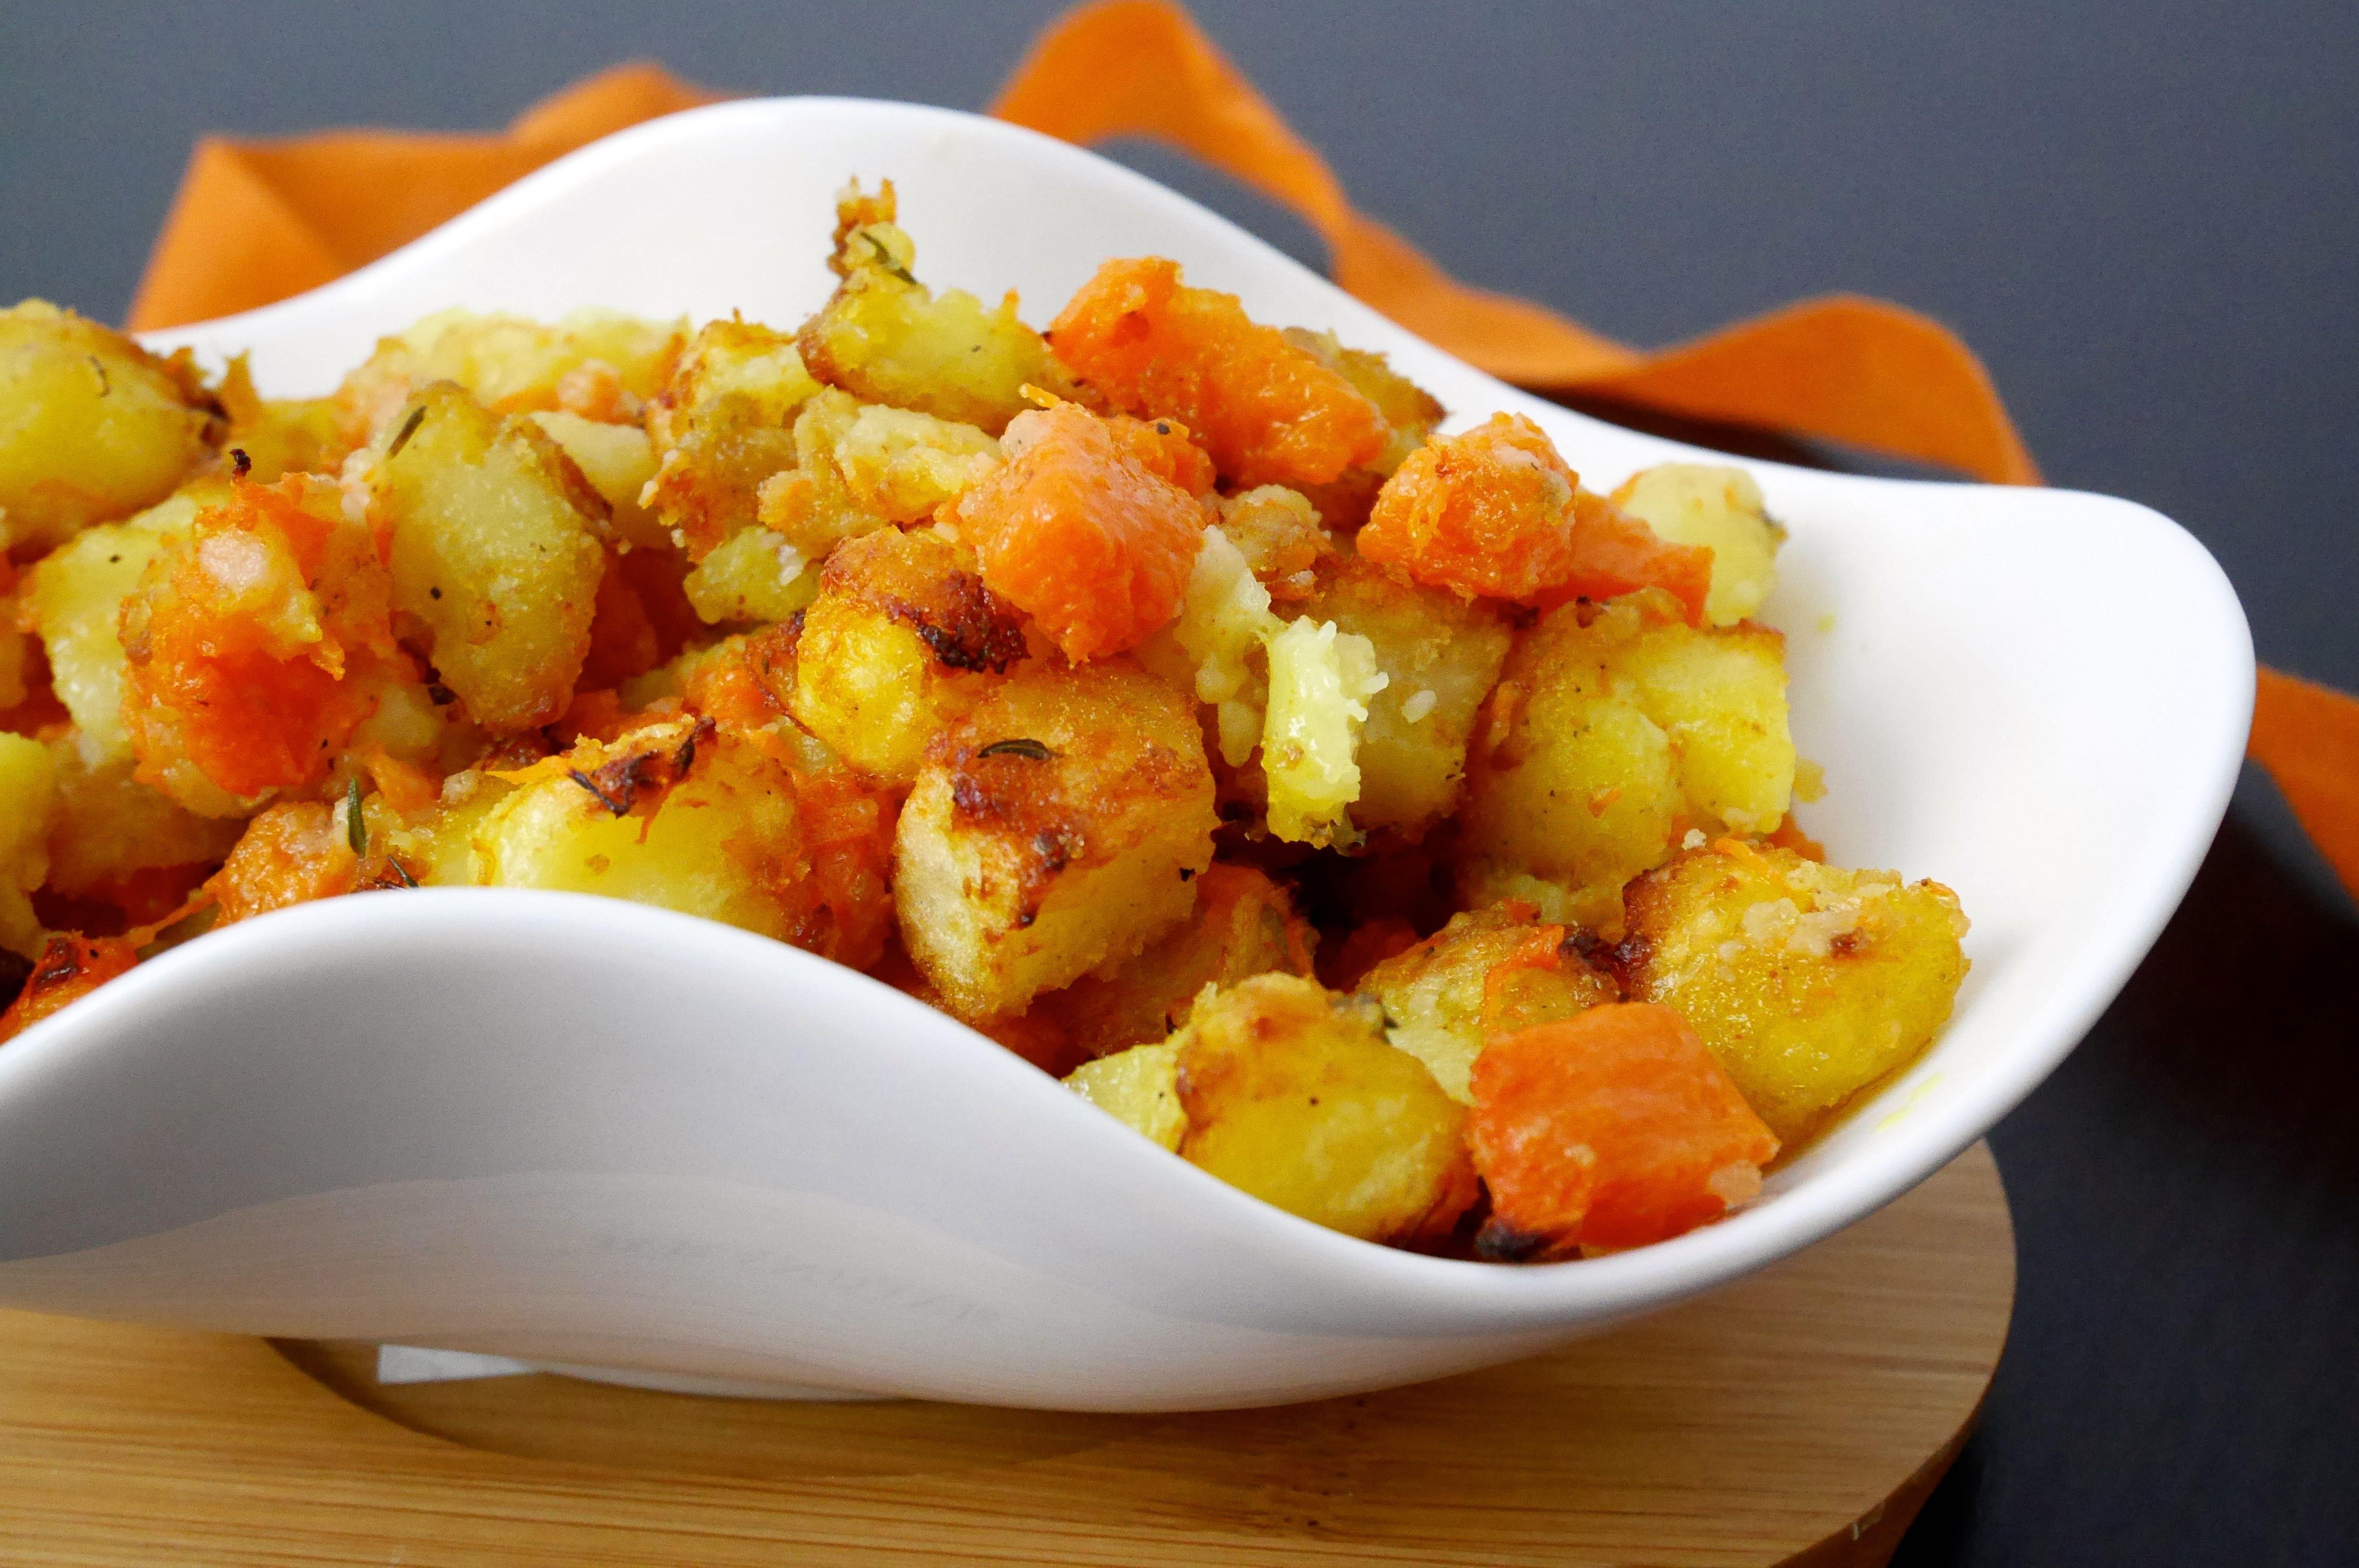 7e14979e07742e1461dc0eed41b9a008 - Ricette Con Zucca E Patate